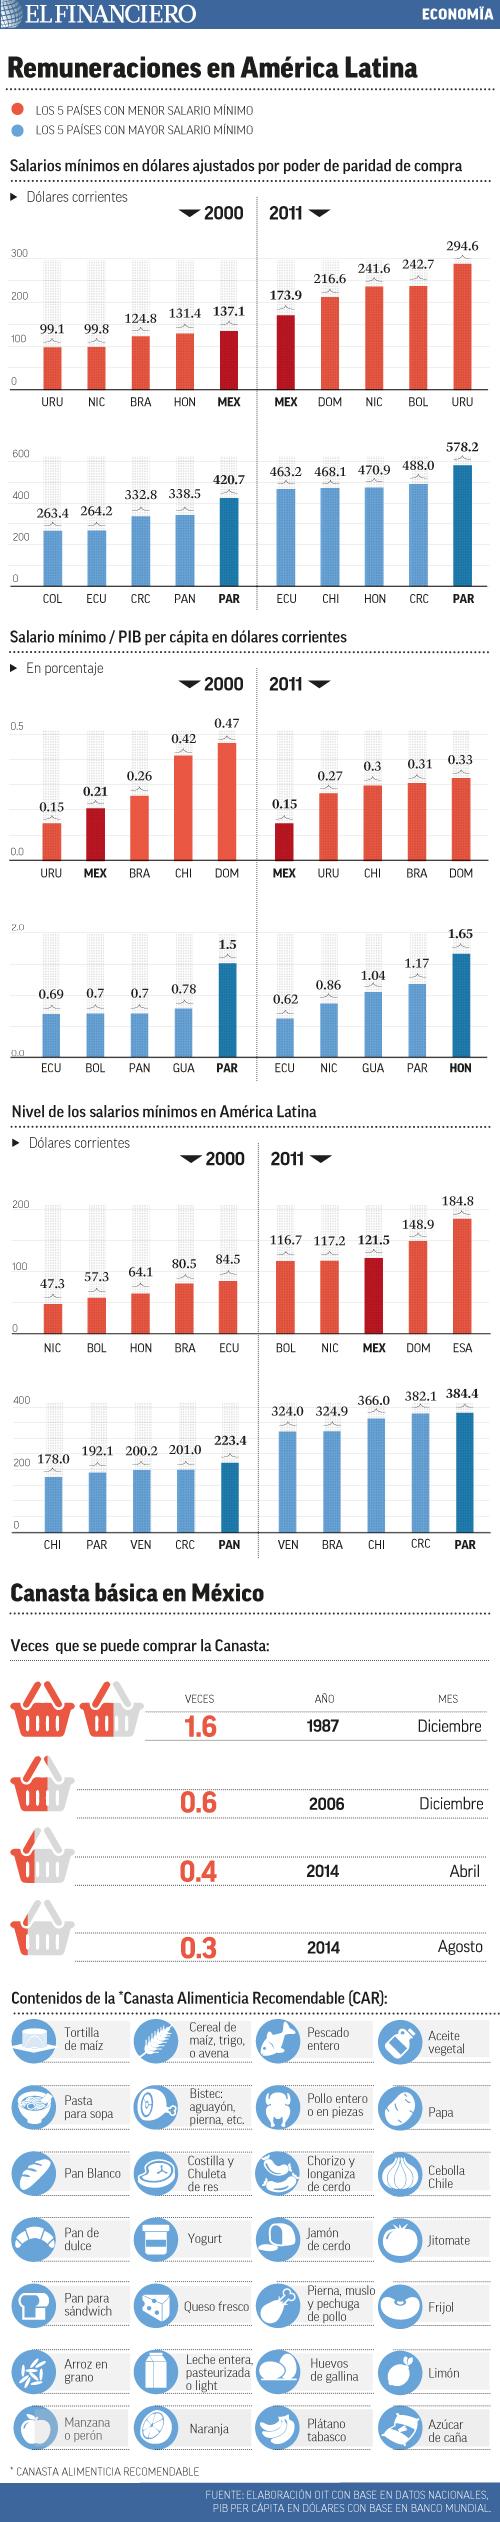 Fuente http www elfinanciero com mx economia salario minimo en mexico mal posicionado en al y en retroceso html